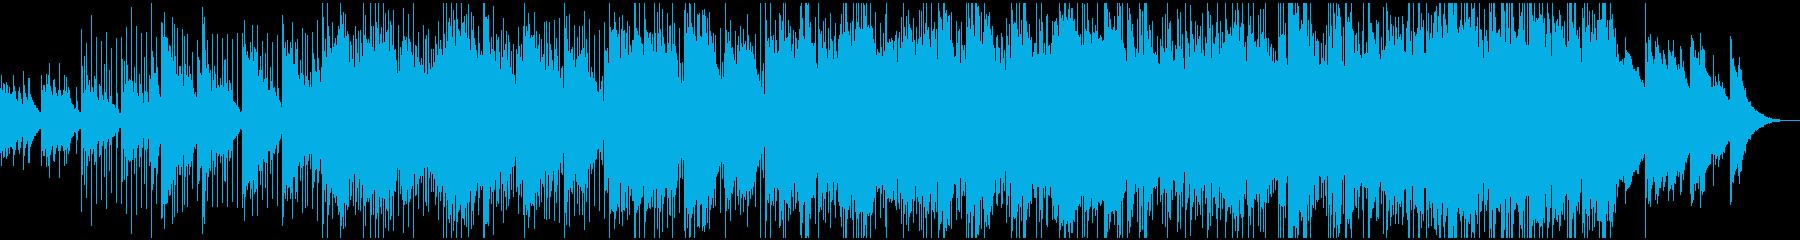 ふんわりとしたアコギのリラックス曲の再生済みの波形